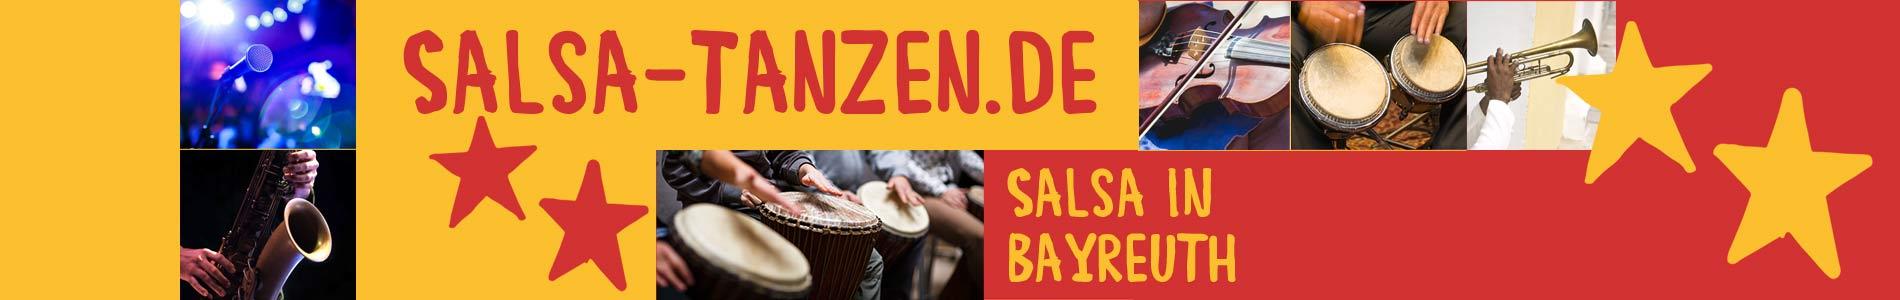 Salsa in Bayreuth – Salsa lernen und tanzen, Tanzkurse, Partys, Veranstaltungen